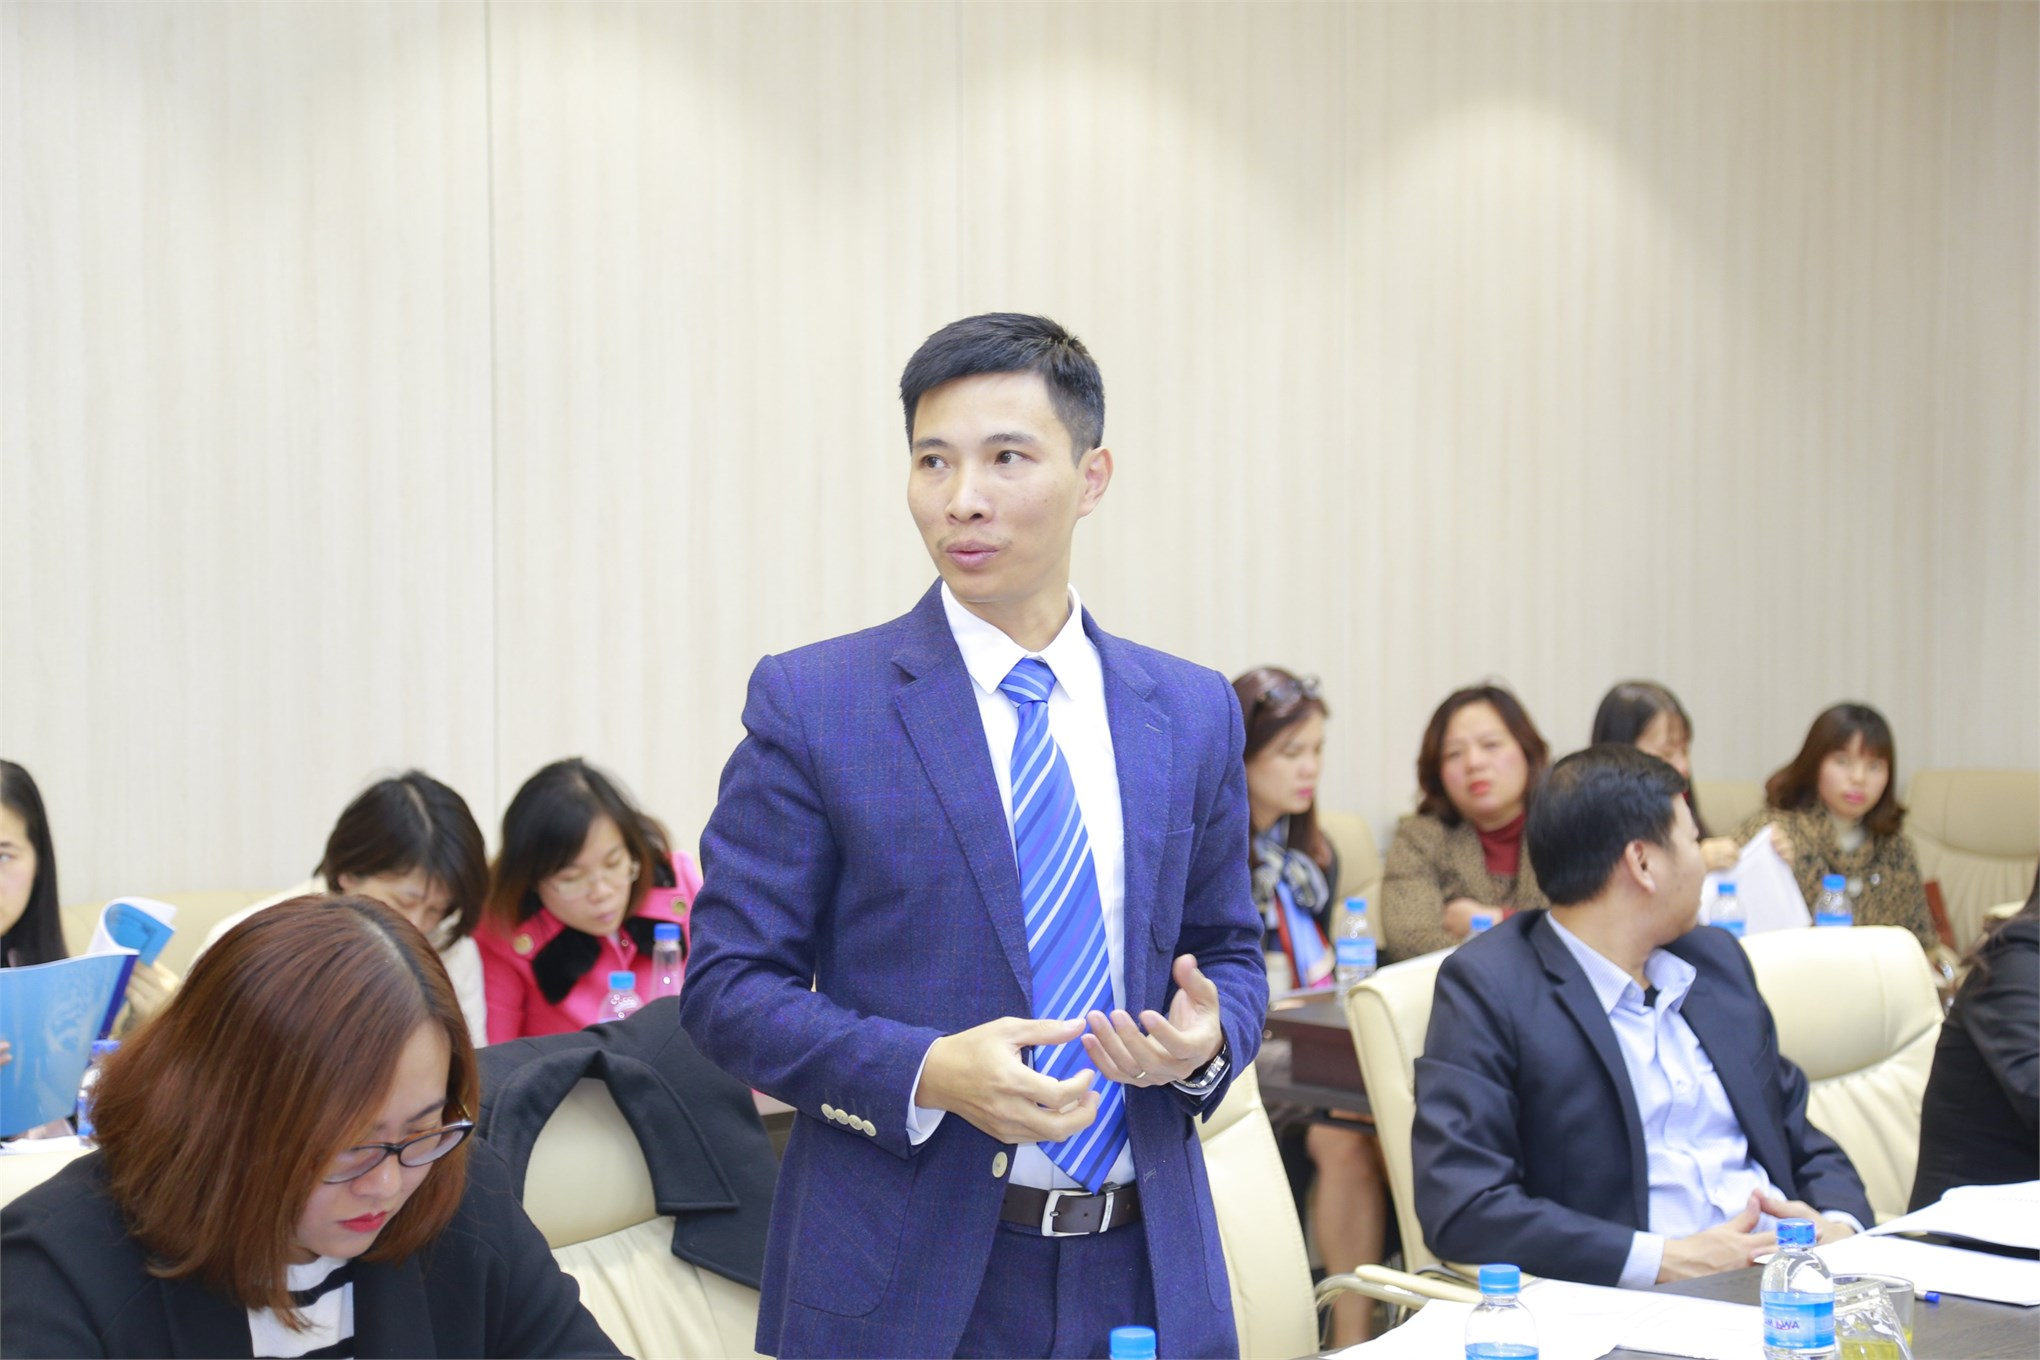 """Hội thảo khoa học quốc gia """"Cách mạng công nghiệp lần thứ tư: Khởi nghiệp và phát triển doanh nghiệp Việt Nam"""""""